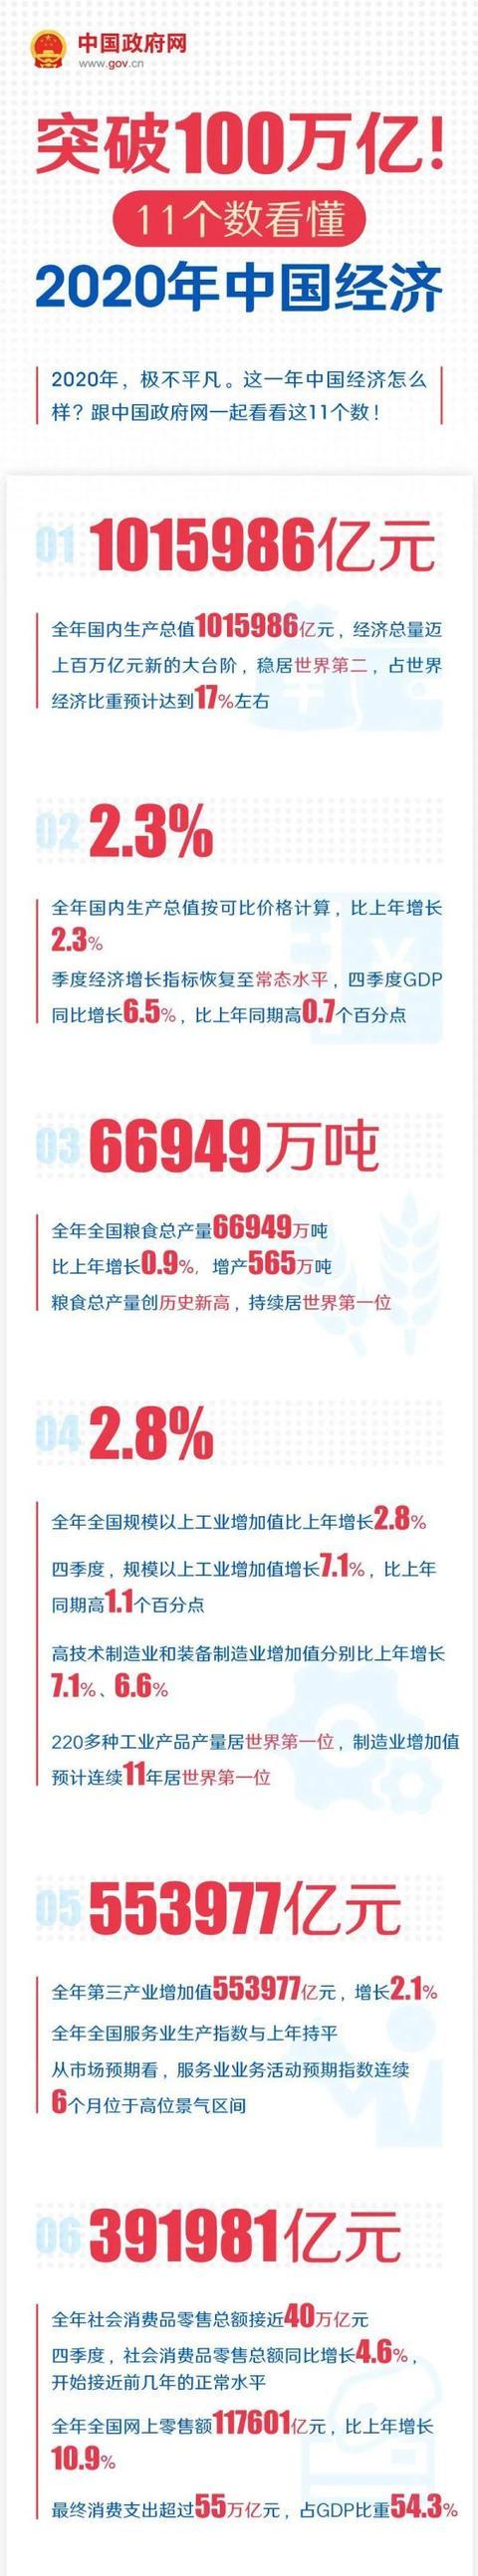 提升100万亿!11个数看懂2020年中国经济发展